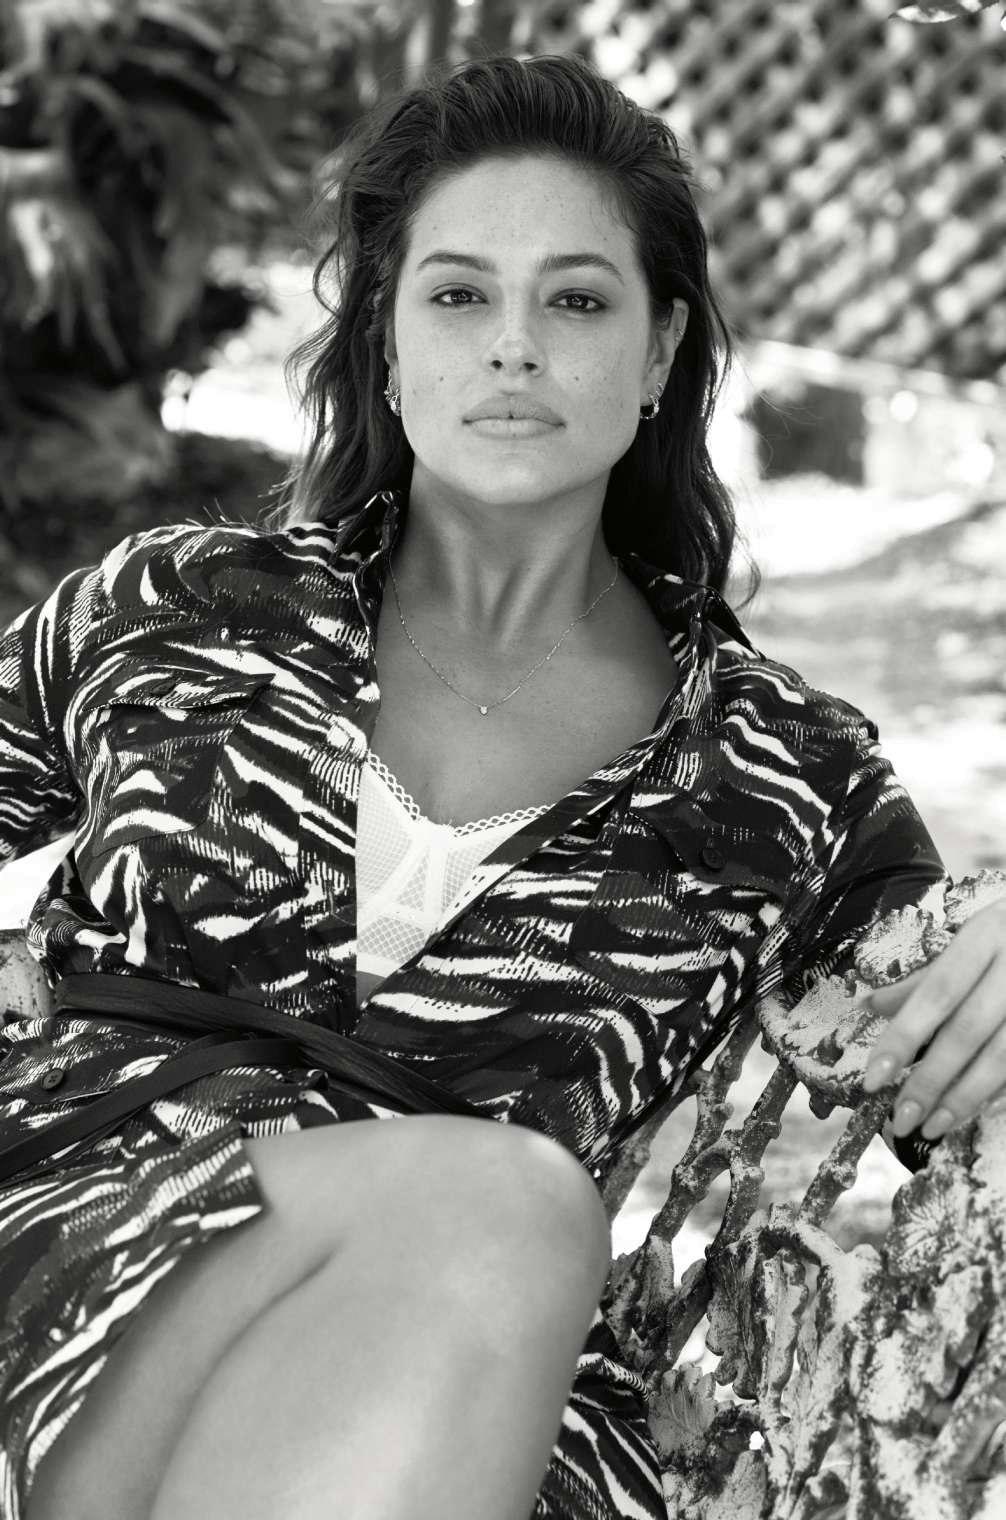 Американская модель Ashley Graham в фотосъёмке для июльского номера французского издания журнала «Elle» 2017